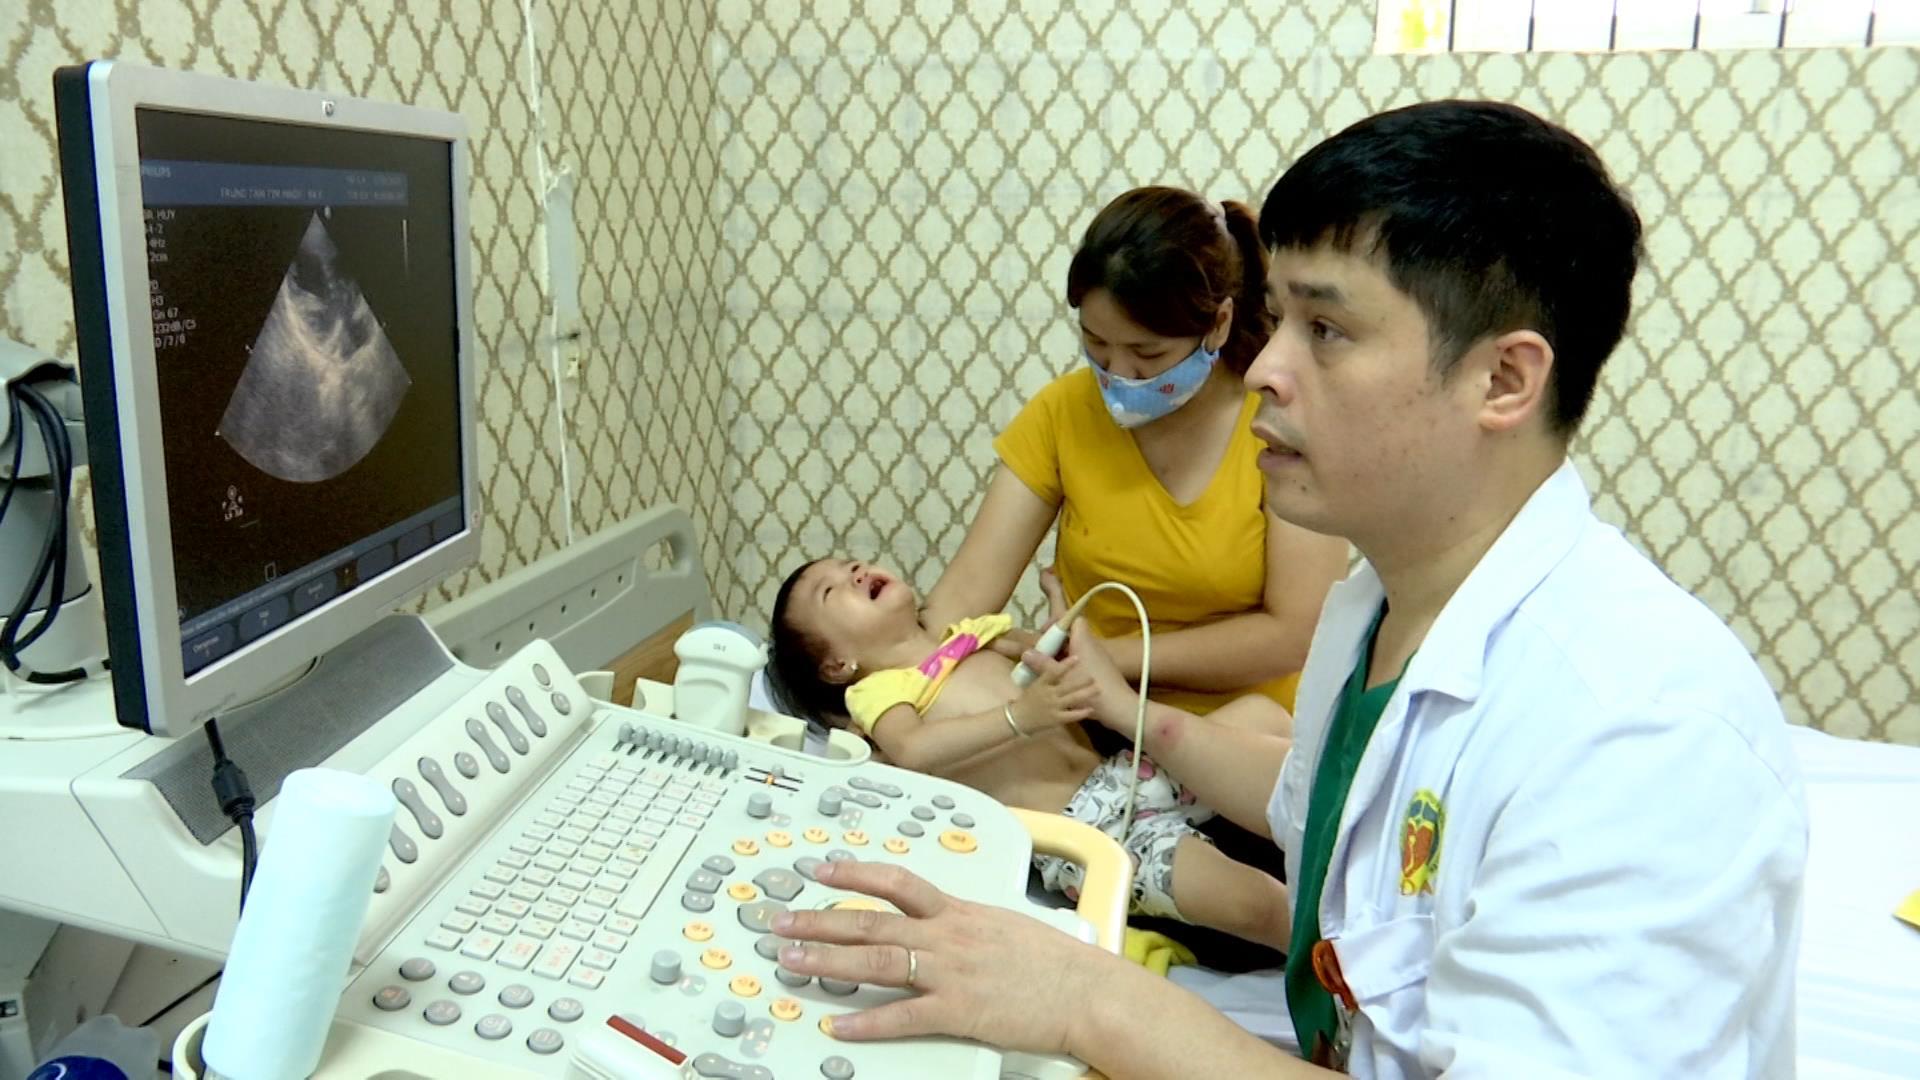 Khám miễn phí dị tật tim bẩm sinh cho trẻ em nghèo, cận nghèo và trẻ có hoàn cảnh khó khăn